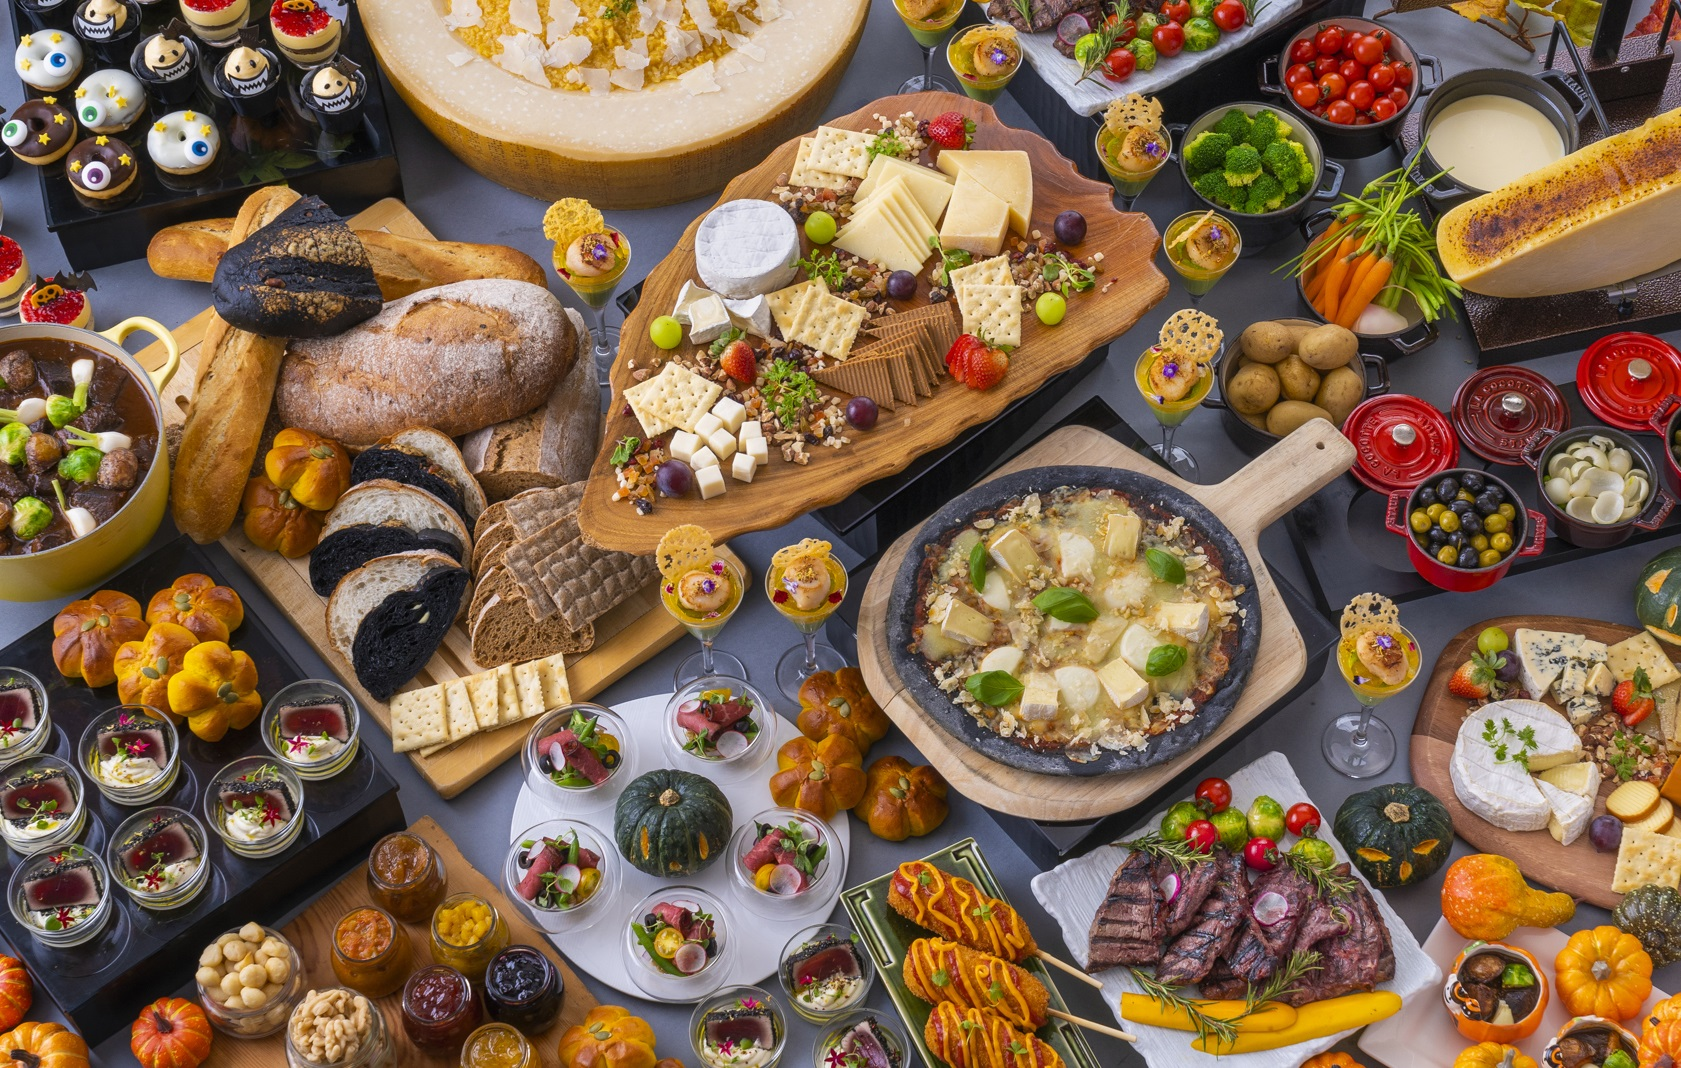 【ヒルトン福岡シーホーク】ラクレット、フォンデュ、リゾット、チーズハットグなど各国のチーズ料理と秋の味覚、ハロウィンスイーツが楽しめる「チーズフル・ハロウィン・ビュッフェ」を開催